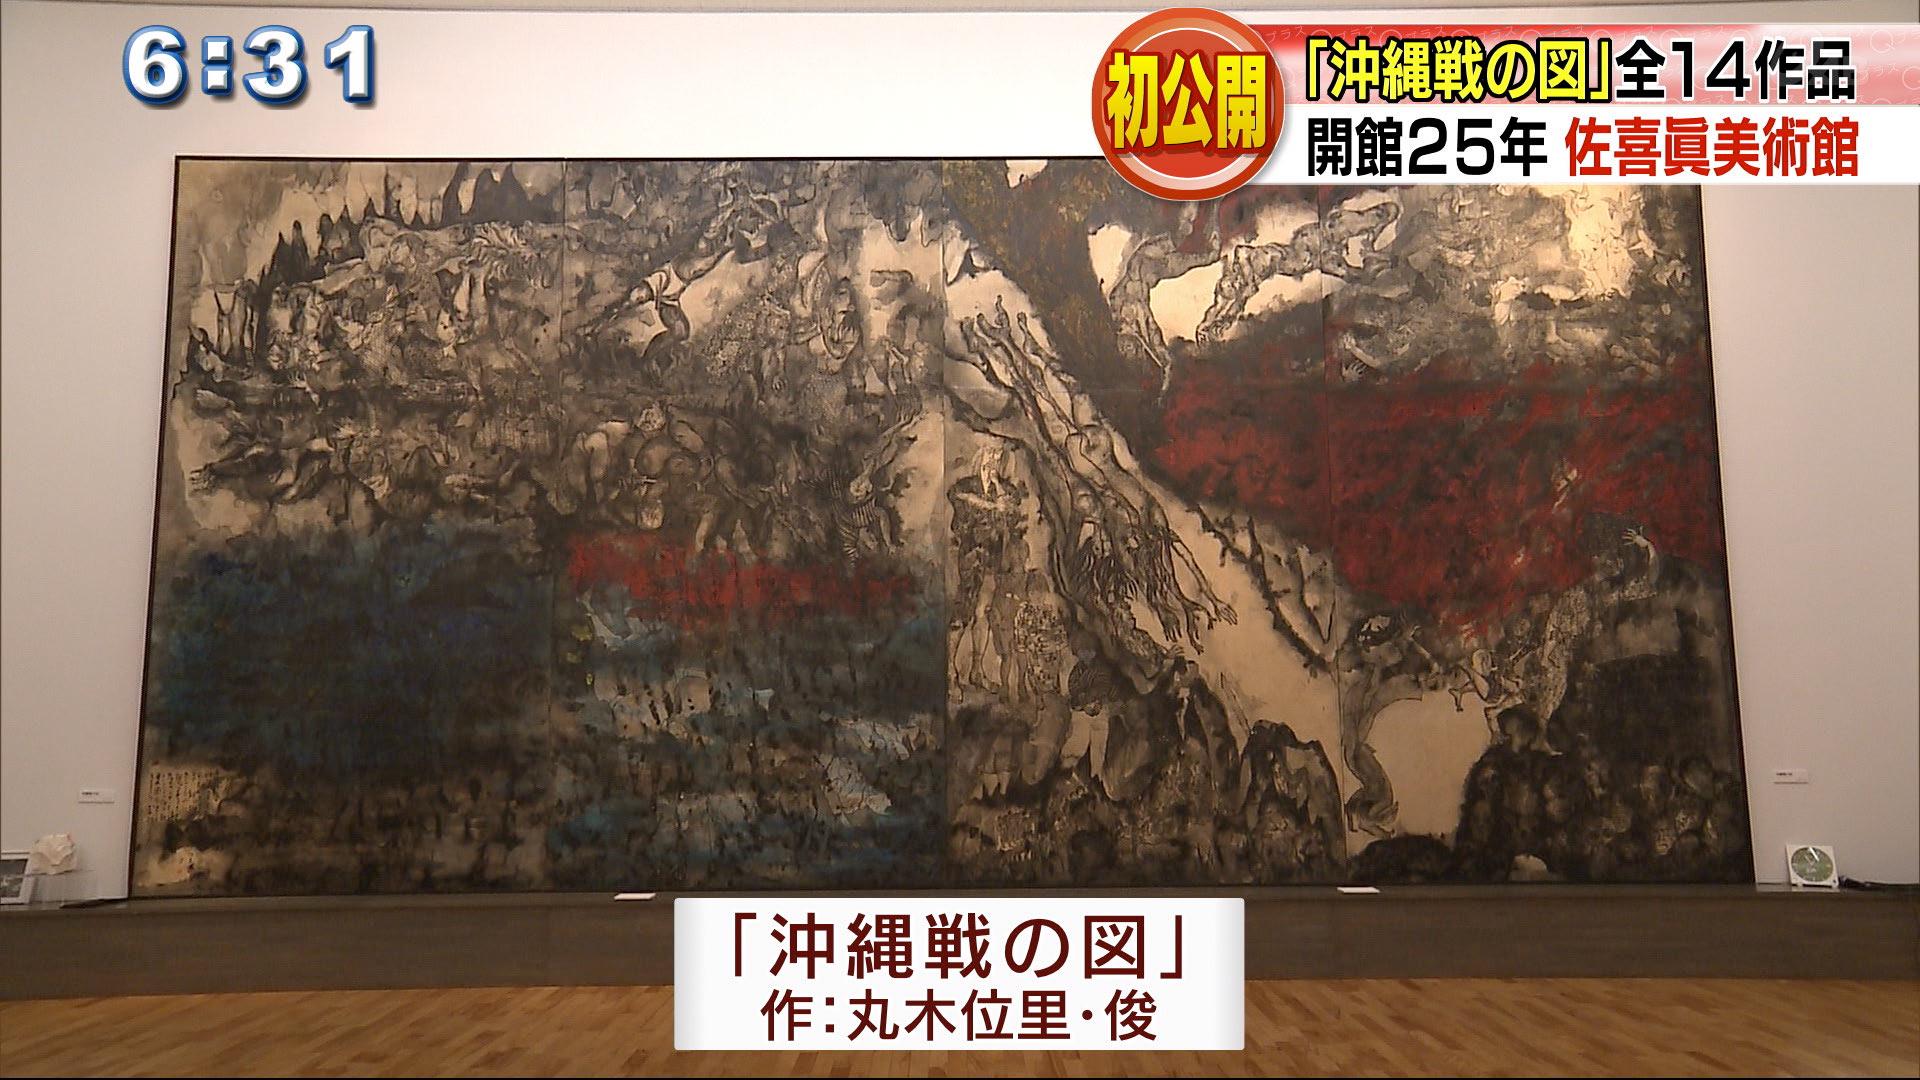 佐喜眞美術館  沖縄戦の図一挙公開